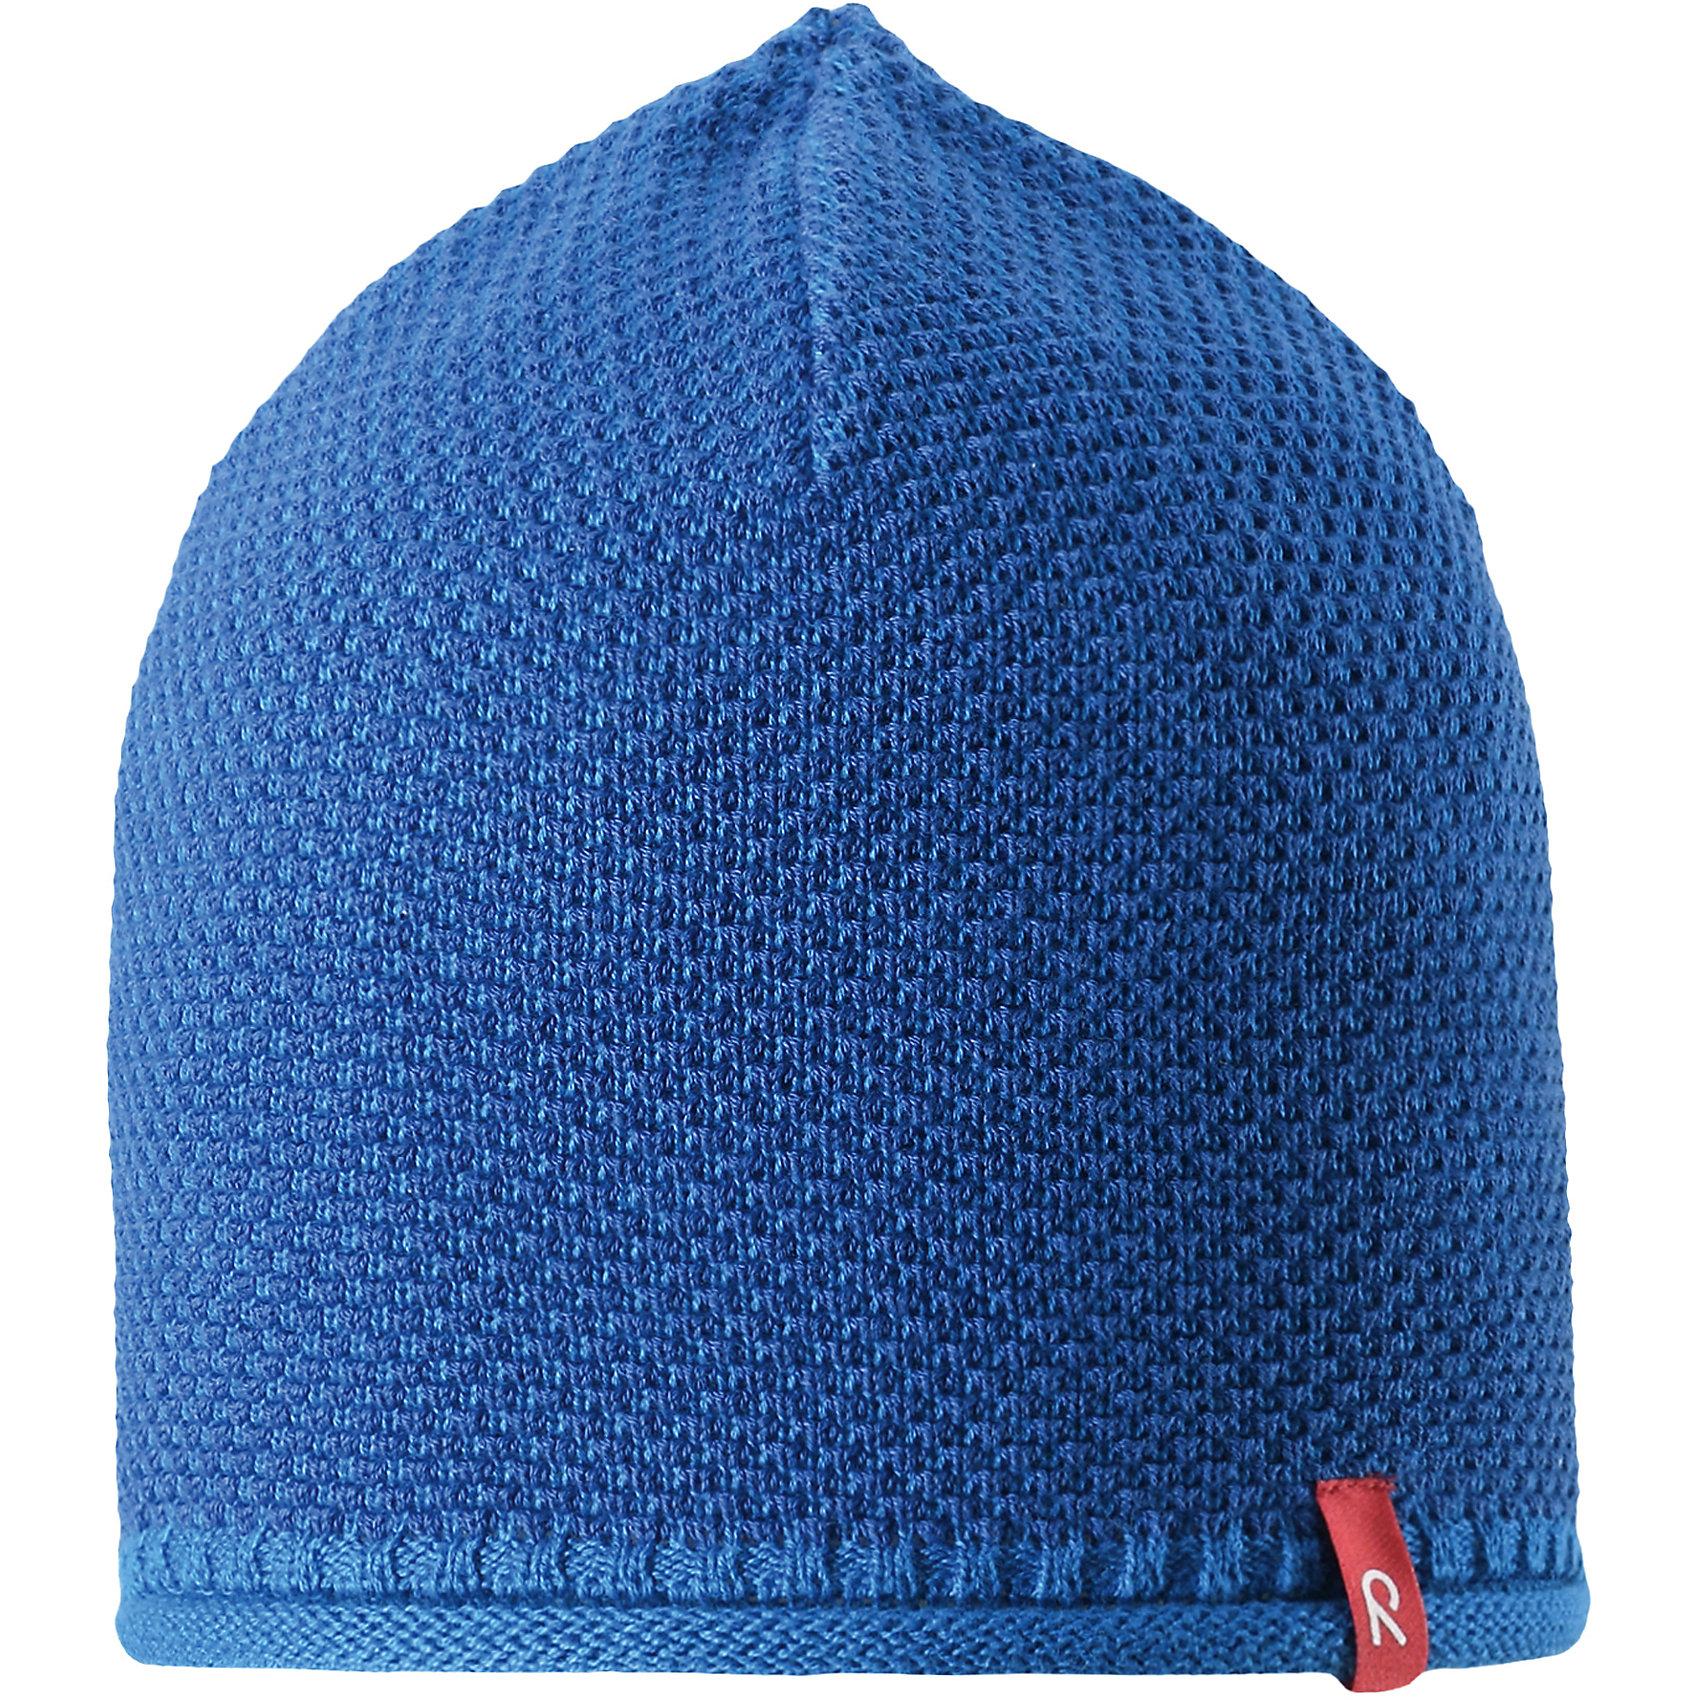 Шапка Seilori для мальчика ReimaШапки и шарфы<br>Характеристики товара:<br><br>• цвет: голубой<br>• состав: 100% хлопок<br>• температурный режим: от +10С<br>• эластичный хлопковый трикотаж<br>• изделие сертифицированно по стандарту Oeko-Tex на продукцию класса 2 - одежда, контактирующая с кожей<br>• облегчённая модель без подкладки<br>• эмблема Reima спереди<br>• декоративная структурная вязка<br>• страна бренда: Финляндия<br>• страна производства: Китай<br><br>Детский головной убор может быть модным и удобным одновременно! Стильная шапка поможет обеспечить ребенку комфорт и дополнить наряд. Шапка удобно сидит и аккуратно выглядит. Проста в уходе, долго служит. Стильный дизайн разрабатывался специально для детей. Отличная защита от дождя и ветра!<br><br>Уход:<br><br>• стирать по отдельности, вывернув наизнанку<br>• придать первоначальную форму вo влажном виде<br>• возможна усадка 5 %.<br><br>Шапку для мальчика от финского бренда Reima (Рейма) можно купить в нашем интернет-магазине.<br><br>Ширина мм: 89<br>Глубина мм: 117<br>Высота мм: 44<br>Вес г: 155<br>Цвет: синий<br>Возраст от месяцев: 24<br>Возраст до месяцев: 60<br>Пол: Мужской<br>Возраст: Детский<br>Размер: 52,50,54,56<br>SKU: 5267809